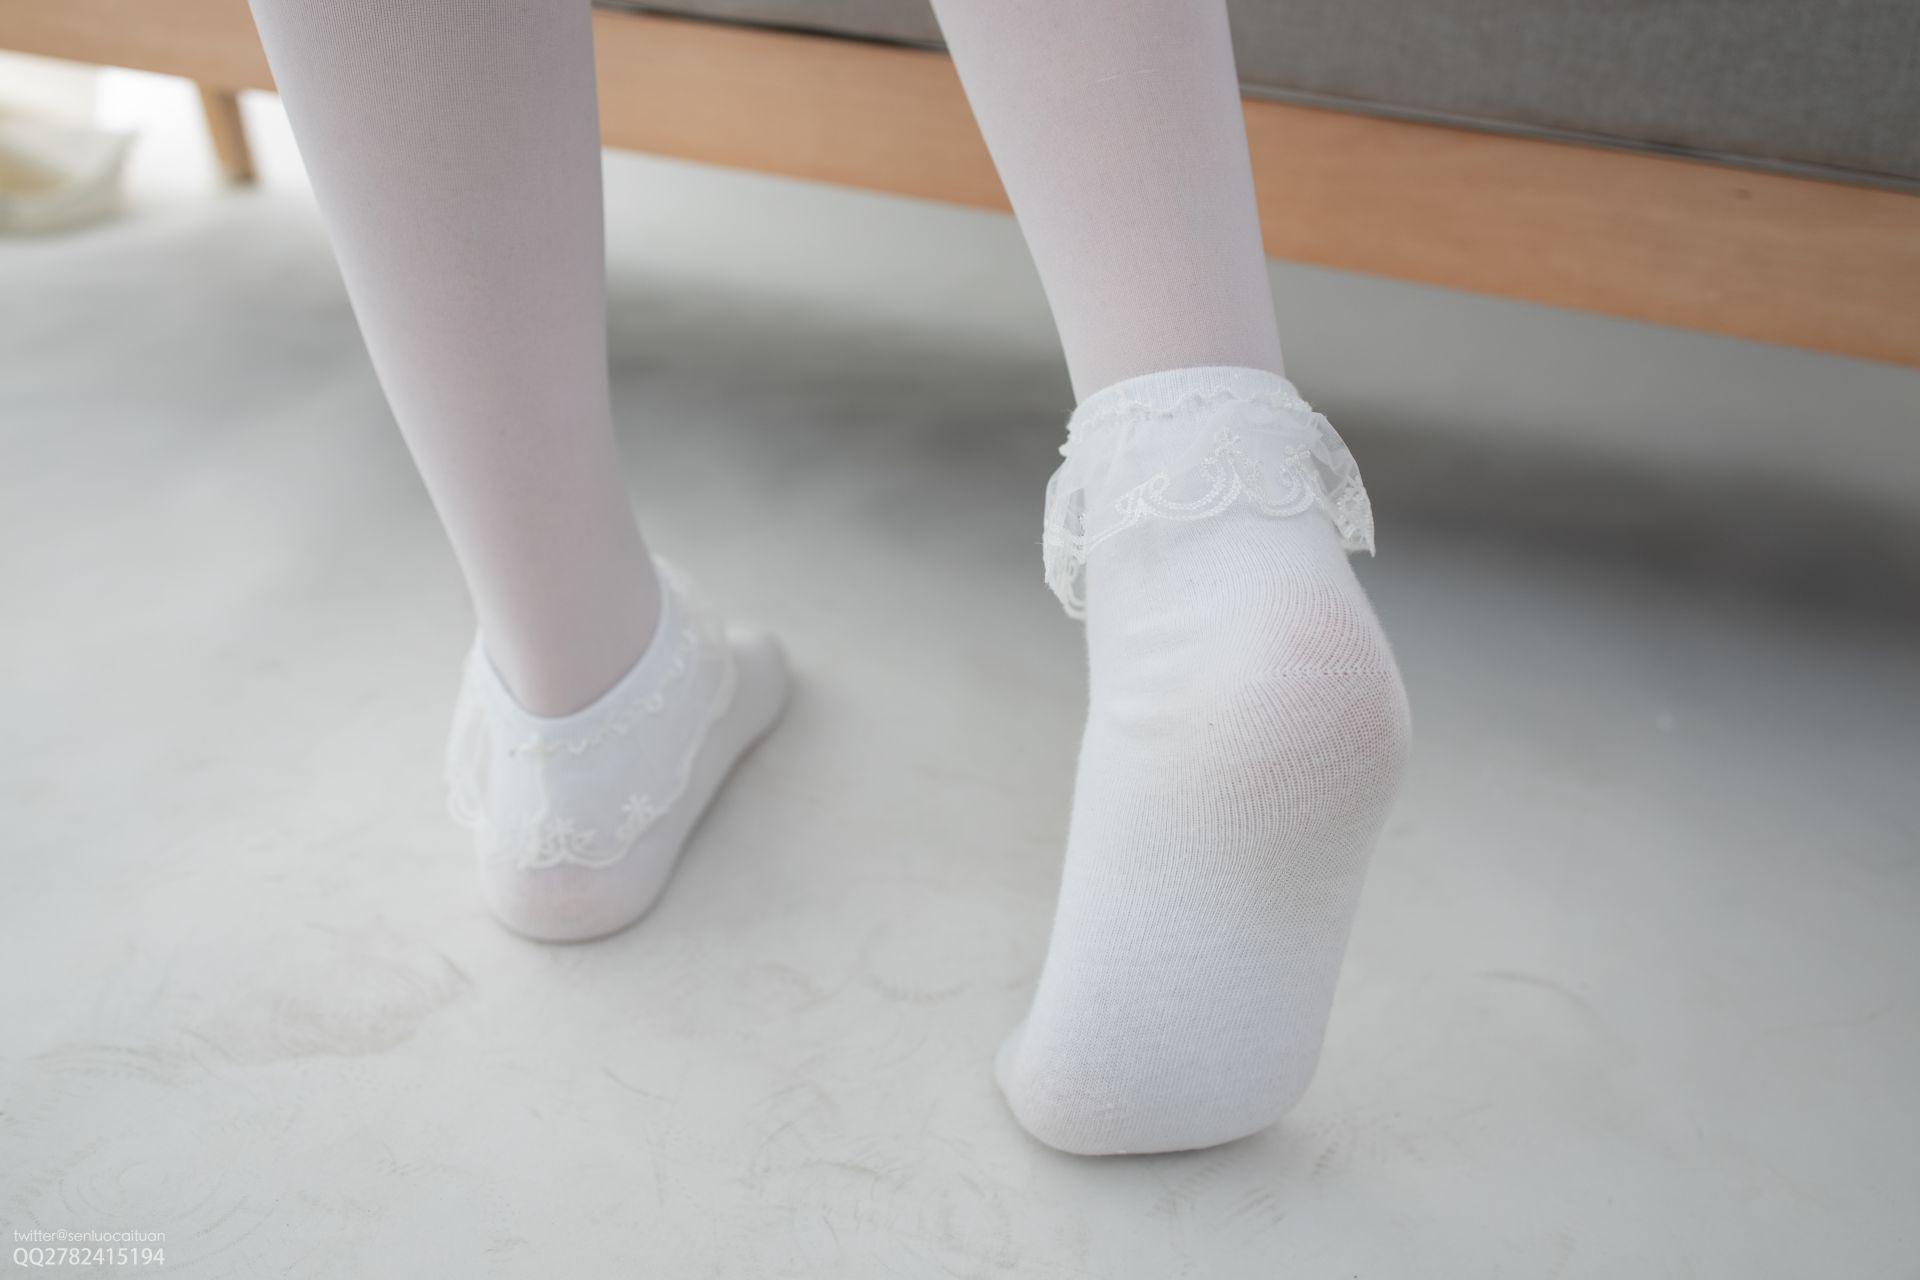 【森萝财团】 森萝财团写真 – JKFUN-057 白丝套蕾丝花边短袜 Aika [105P-1V-2.84GB] JKFUN 第2张